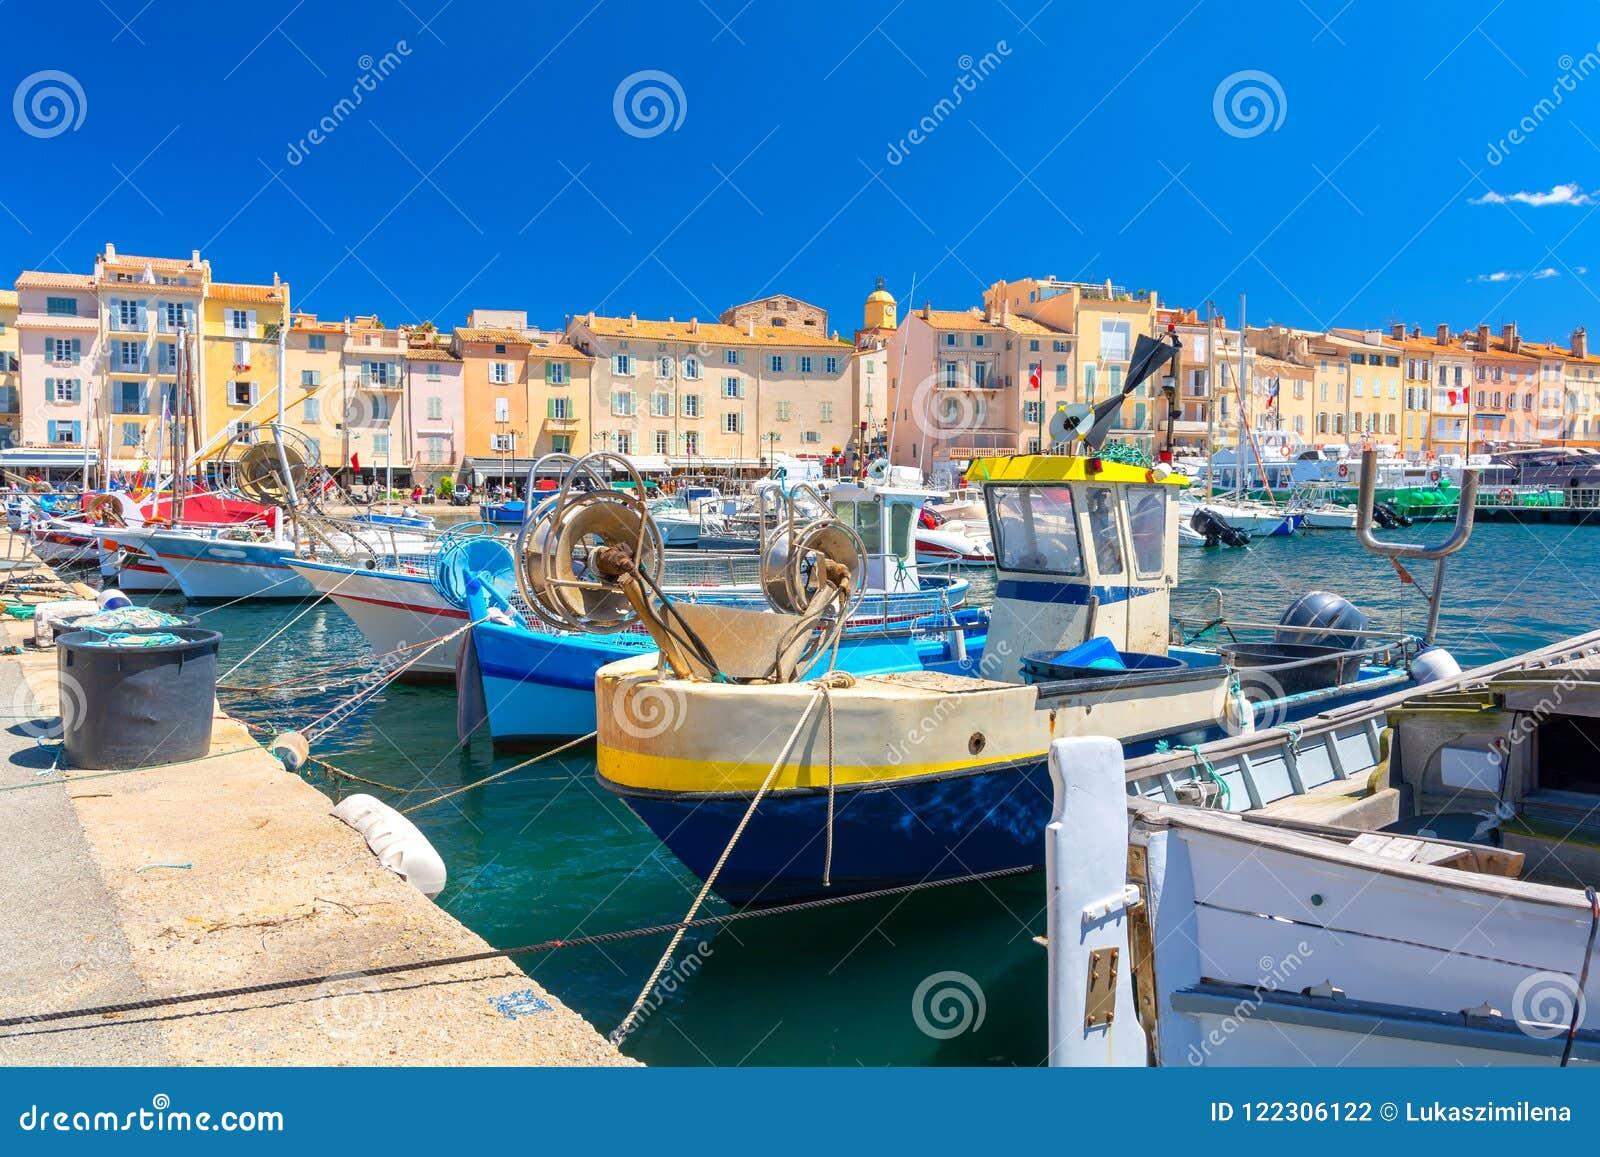 https://thumbs.dreamstime.com/z/localit%C3%A0-di-soggiorno-famosa-saint-tropez-del-porto-variopinto-su-riviera-francese-azur-riparo-d-francia-122306122.jpg